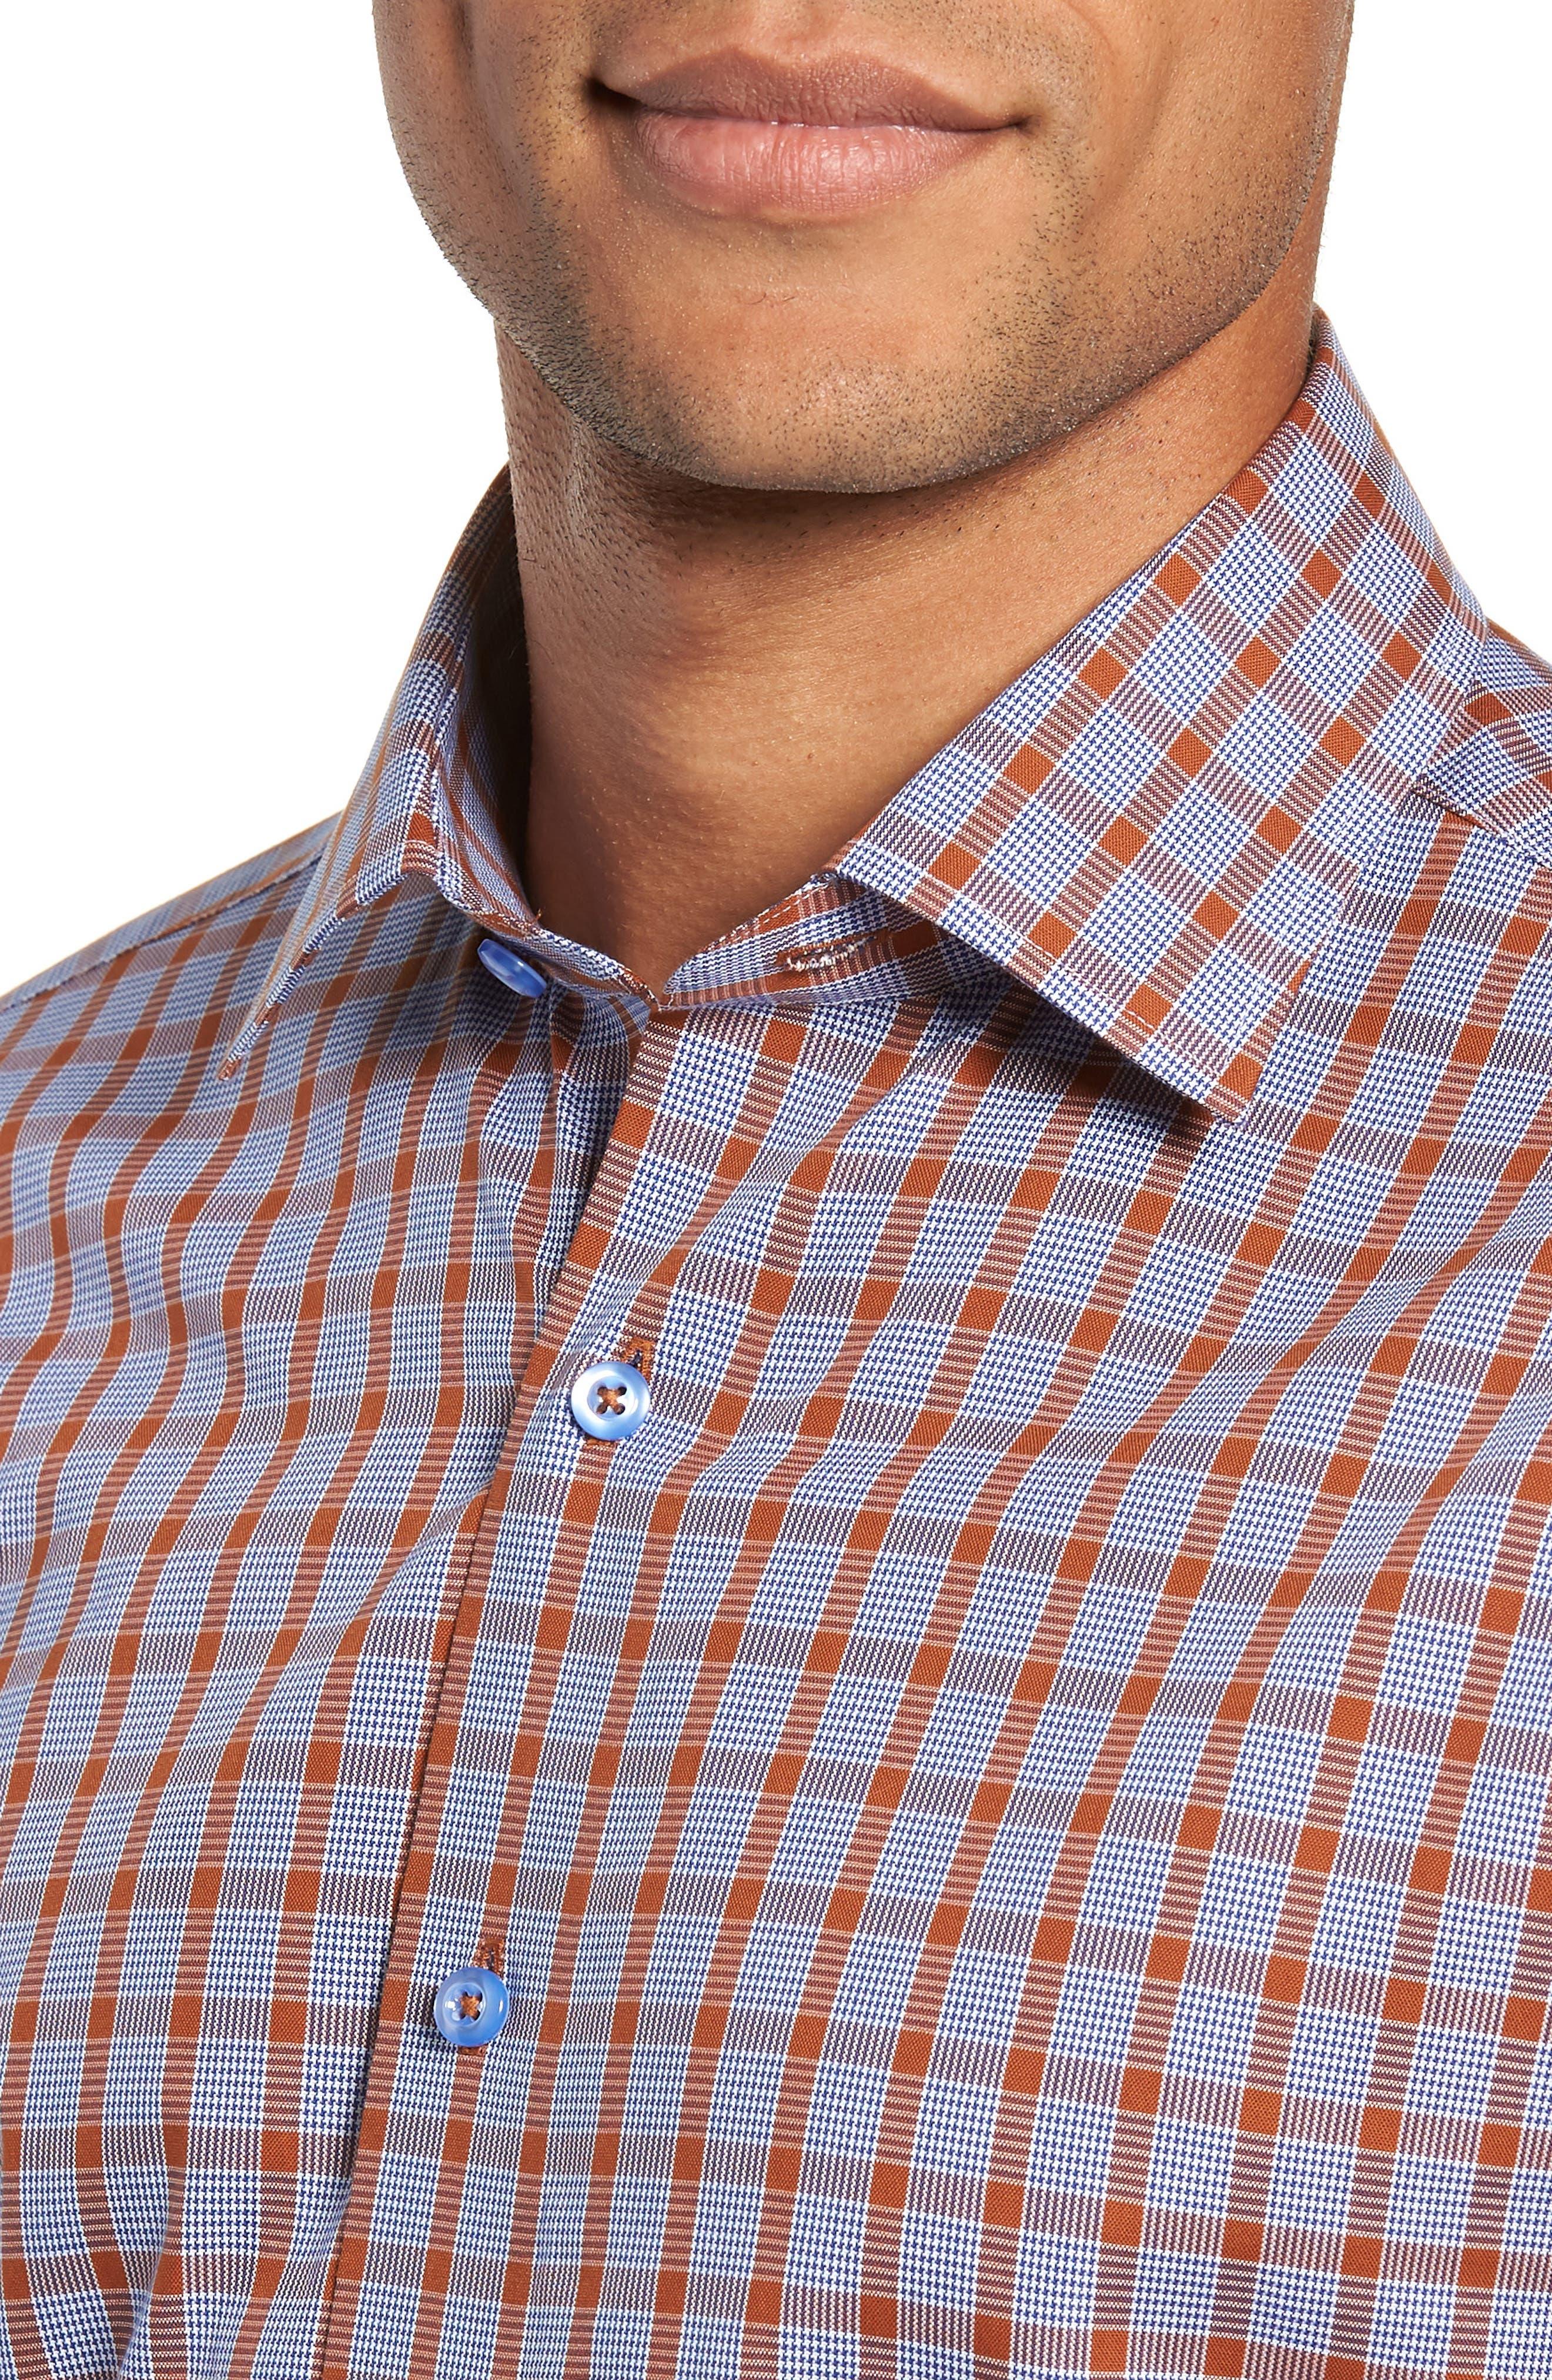 Trim Fit Plaid Dress Shirt,                             Alternate thumbnail 2, color,                             430